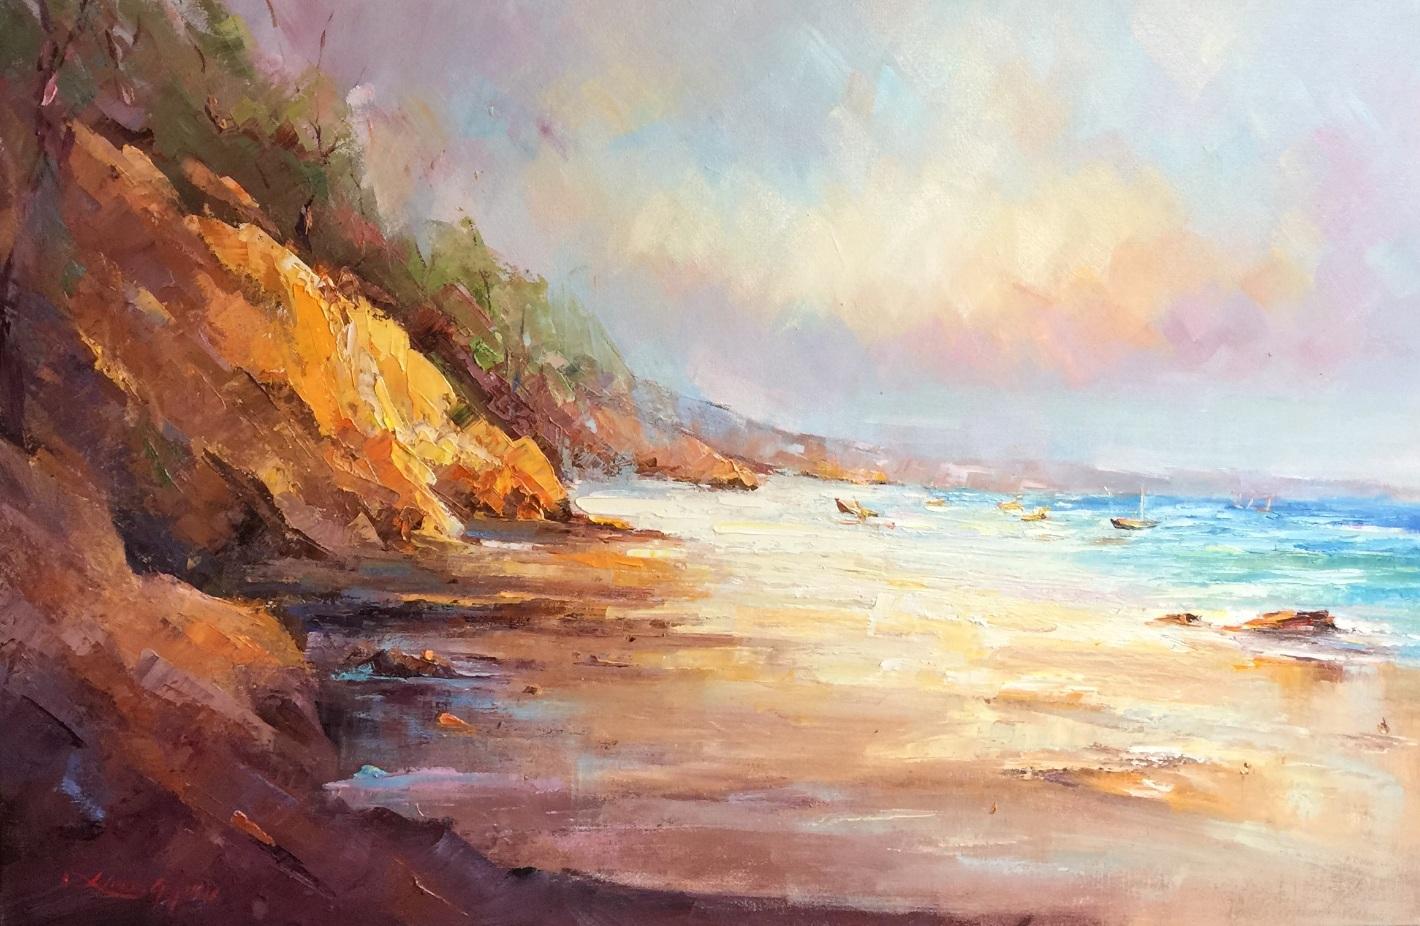 67- Colors of Rainbow beach #4, 92 x 61 cm $ 1450,